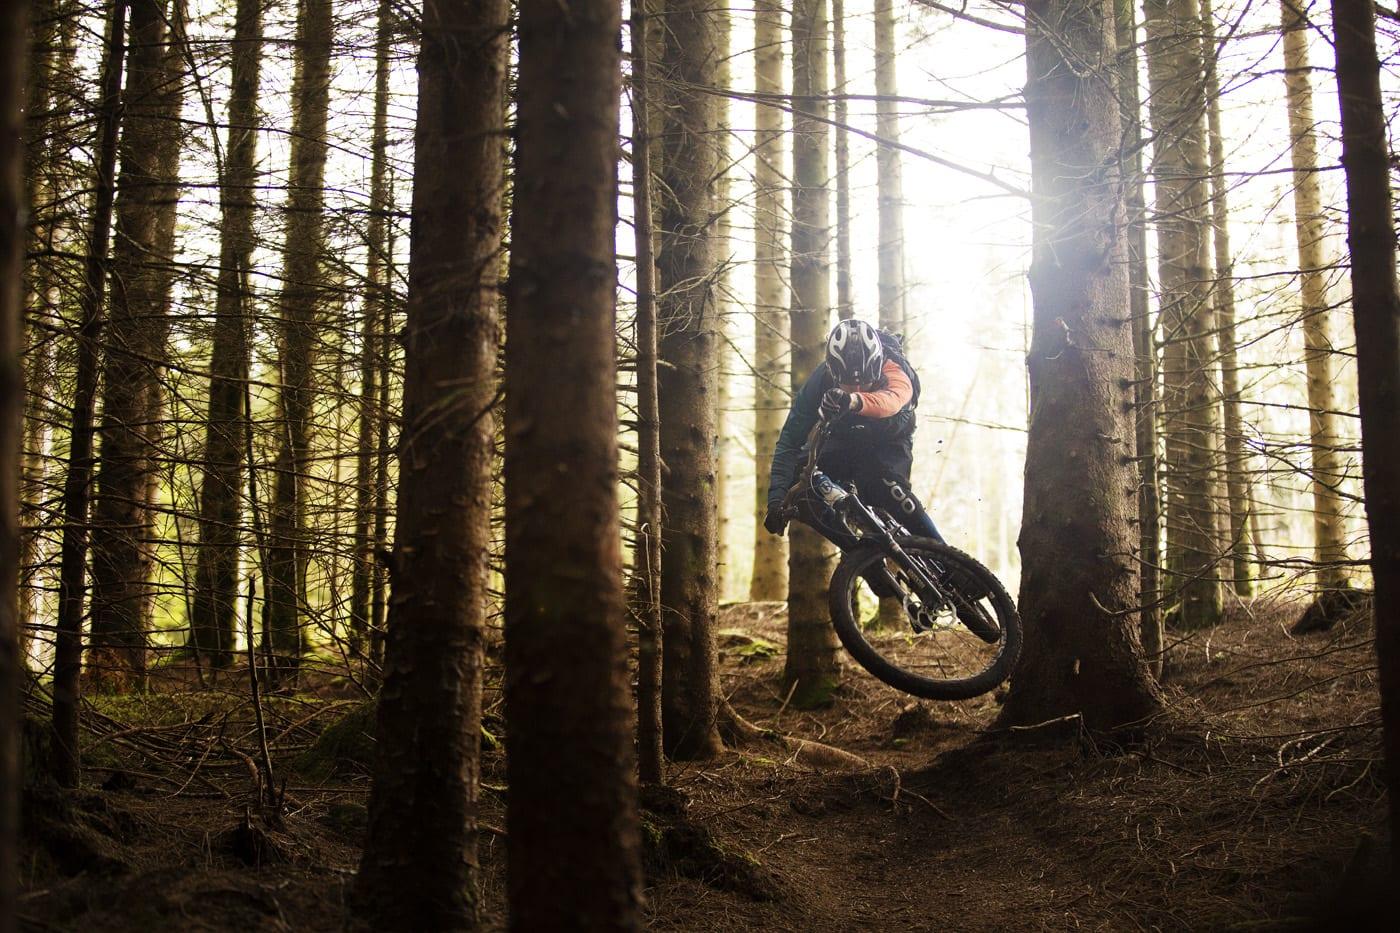 LAVT MELLOM TRÆRNE: Anders Veland fra hashtagenduro- gjengen begrenser lufttiden i skogen på Stend